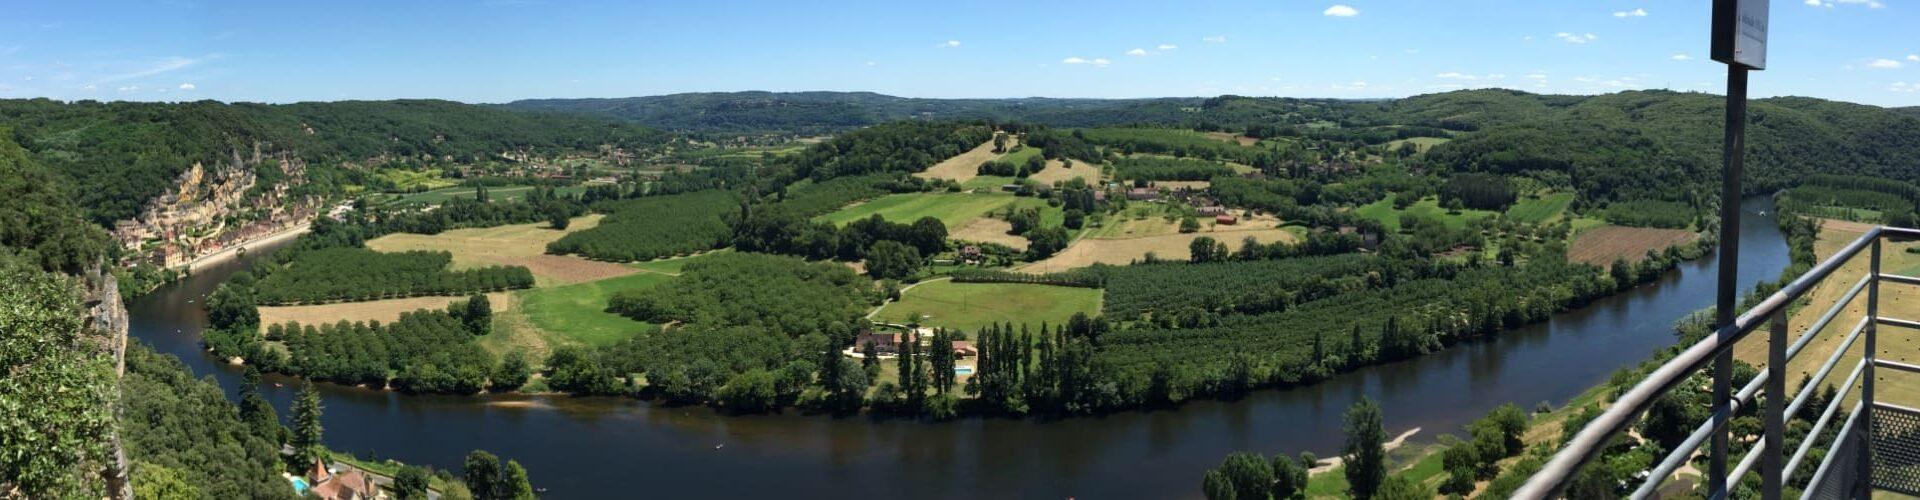 Dordogne - Vue panoramique